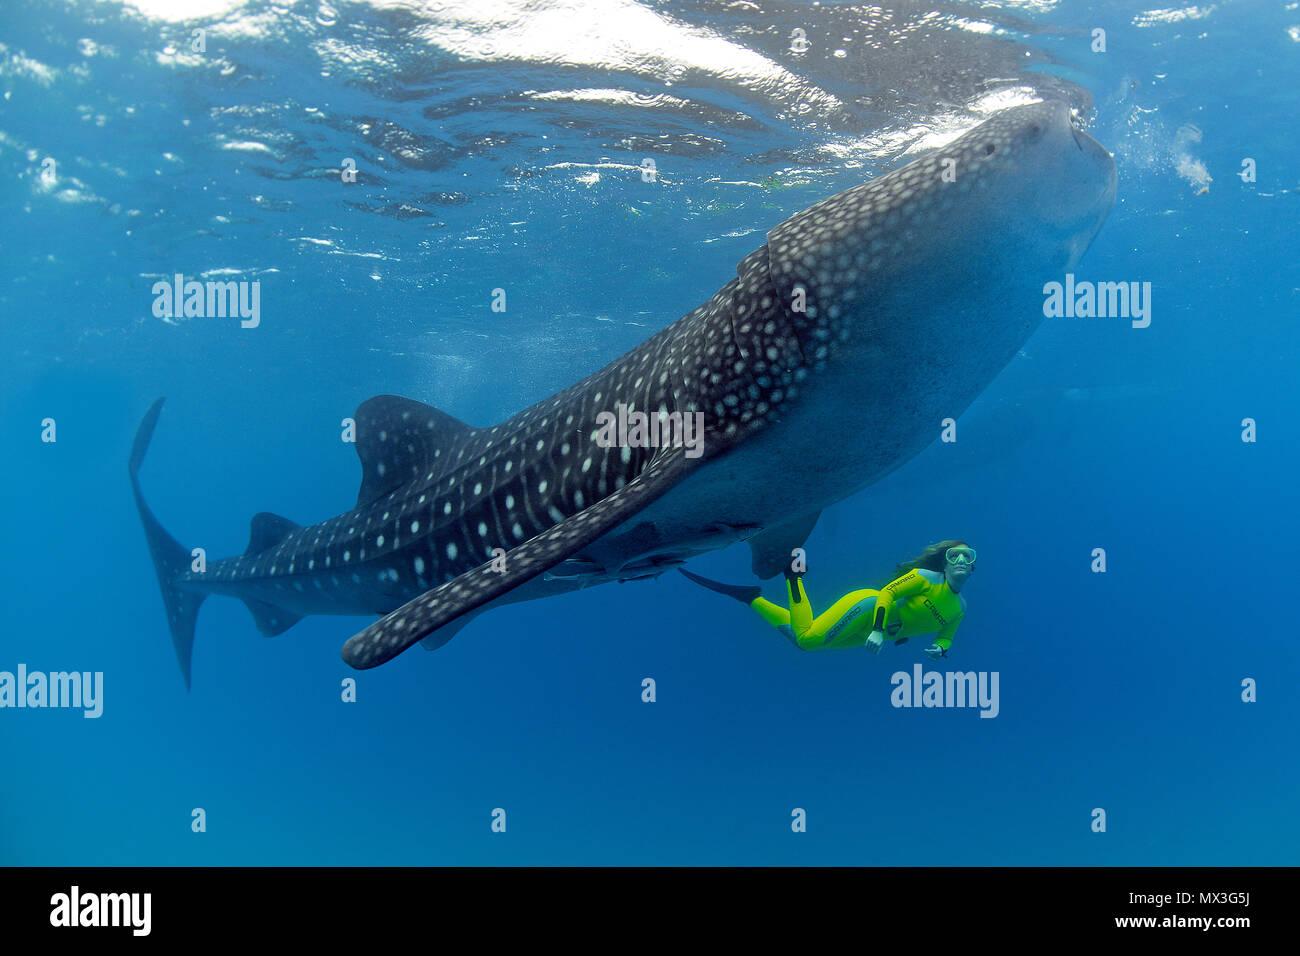 Comparatif de taille, plongeur et requin-baleine (Rhincodon typus), plus gros poisson du monde, Ari Atoll, Maldives, l'Asie Photo Stock